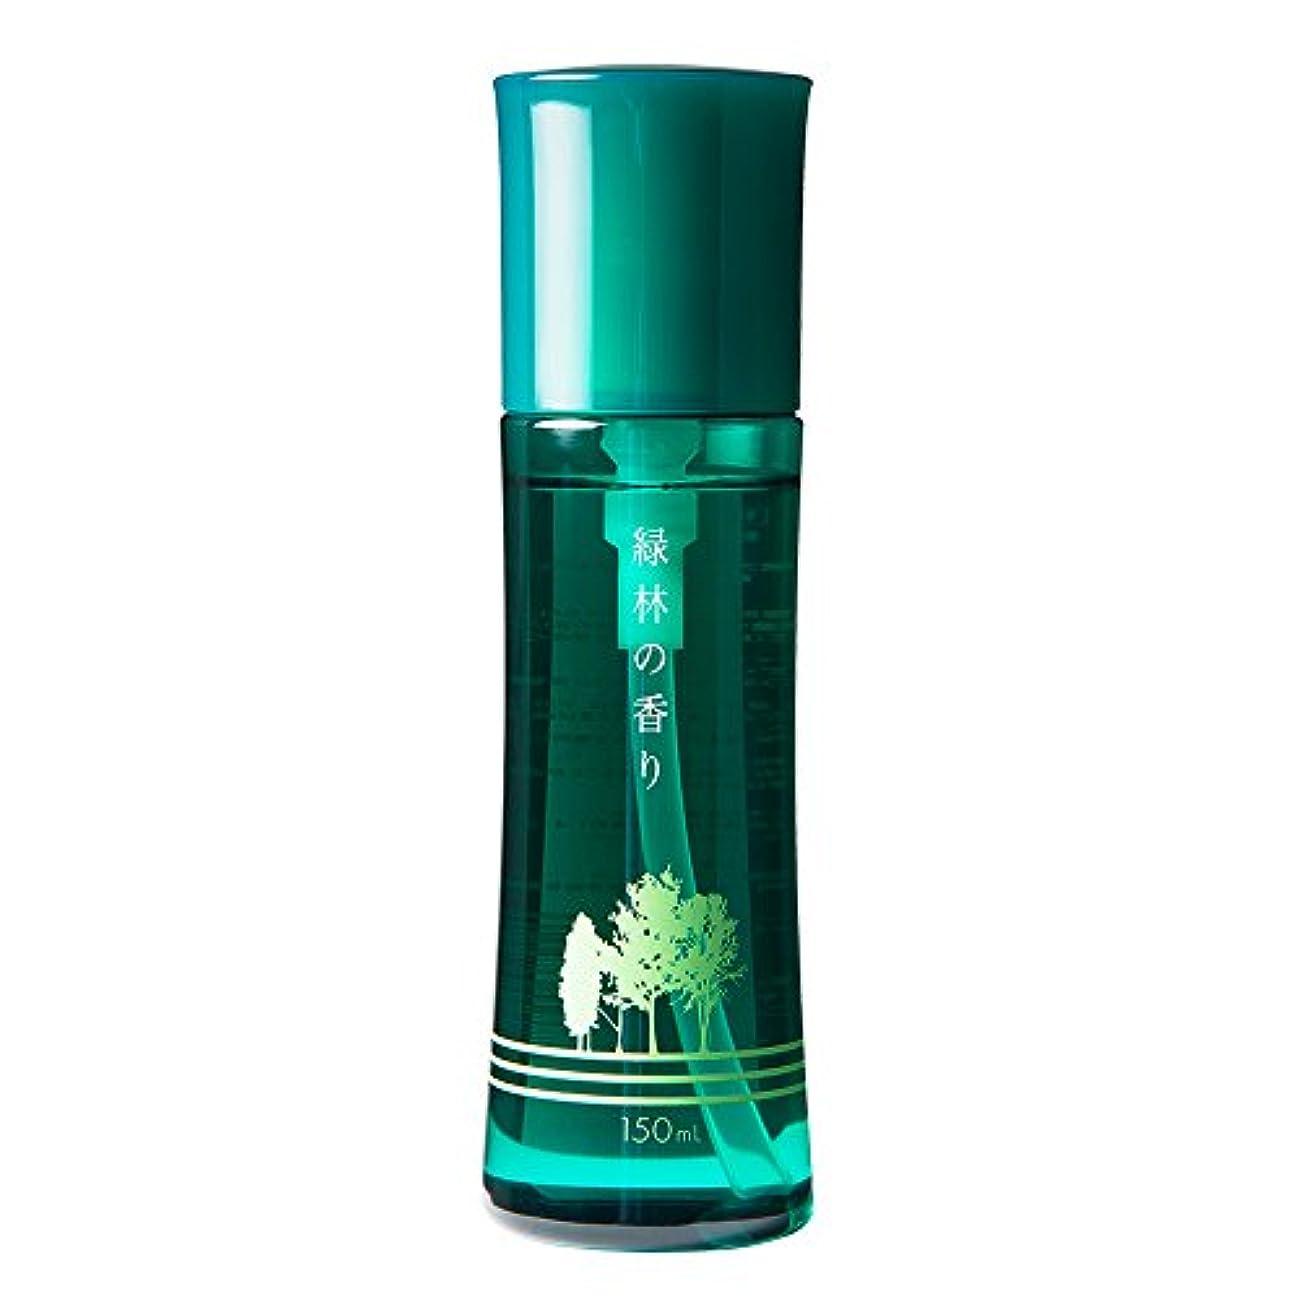 皮肉な心配するしない芳香剤「緑林の香り(みどりの香り)」150mL 日本予防医薬